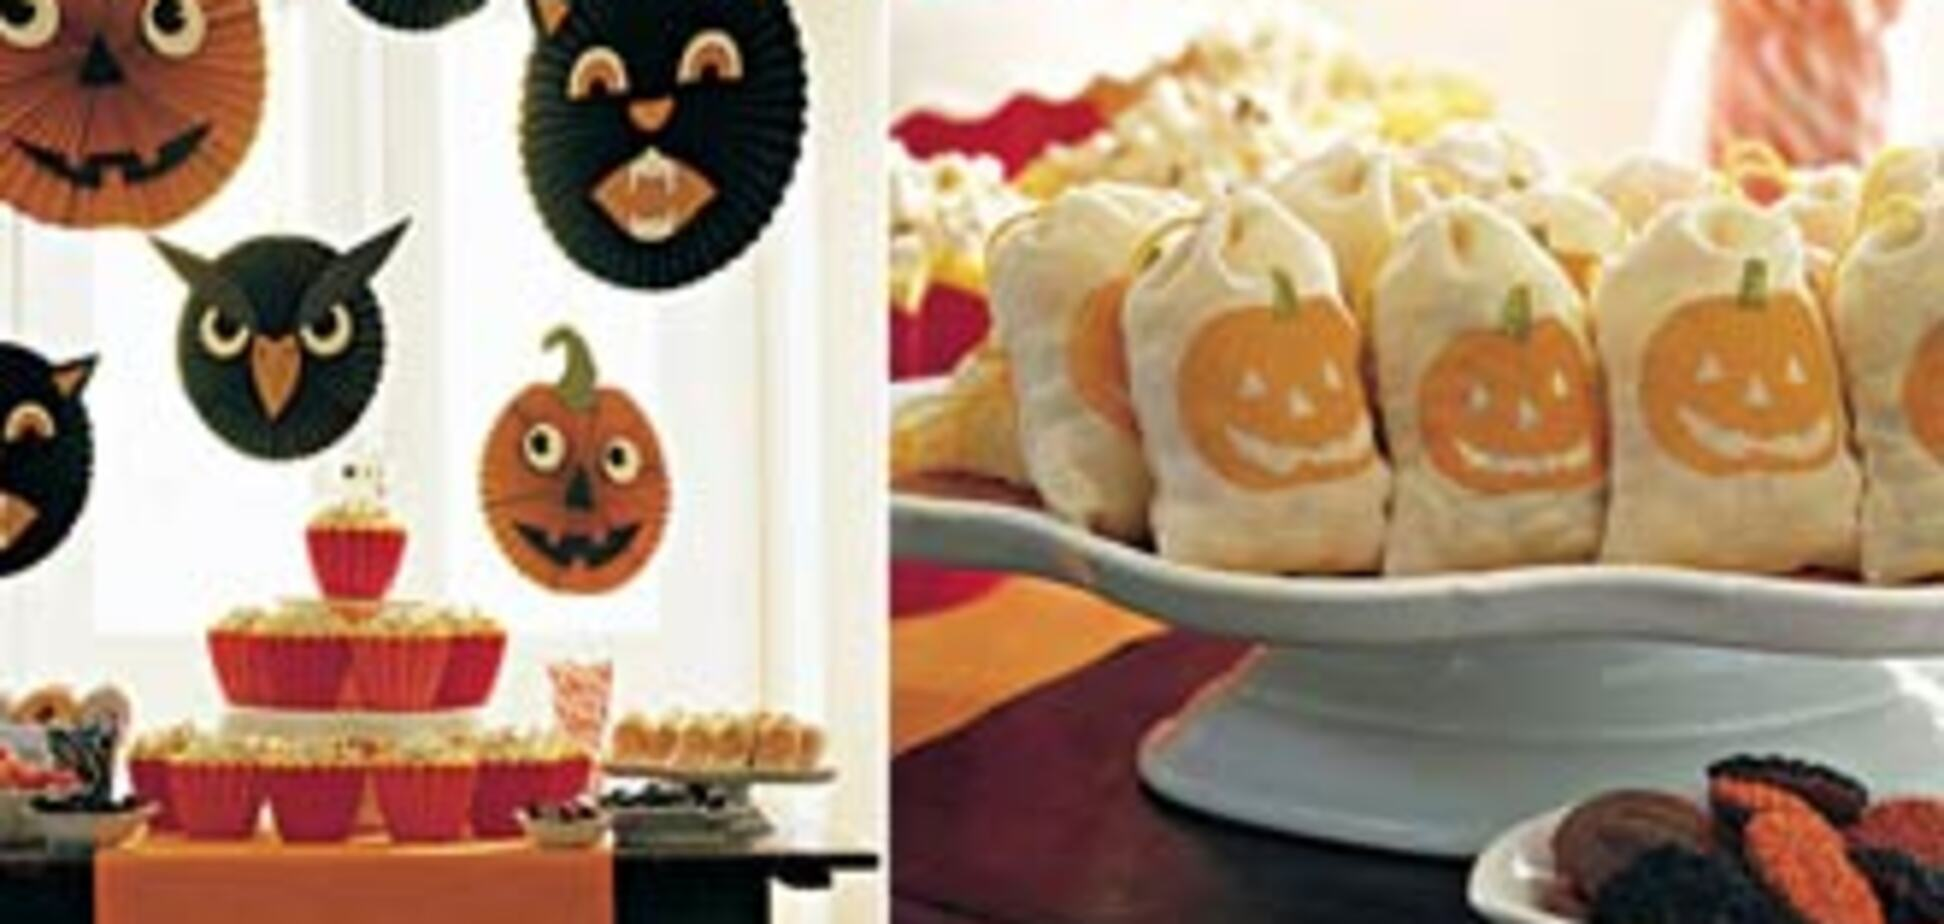 ТОП-3 лучших идей для Хэллоуина